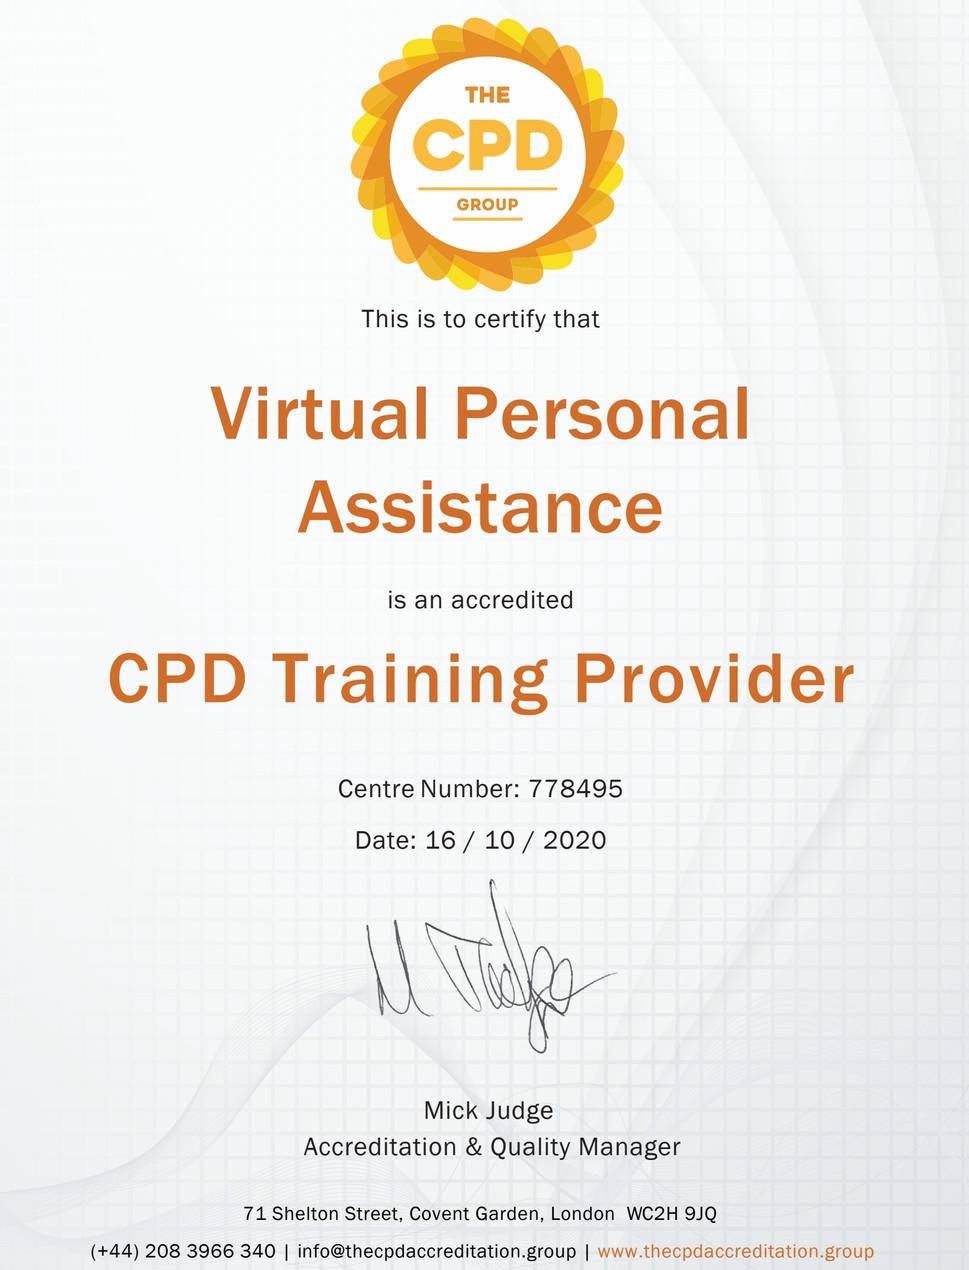 CPDCertificate_201019_120326_1.jpg